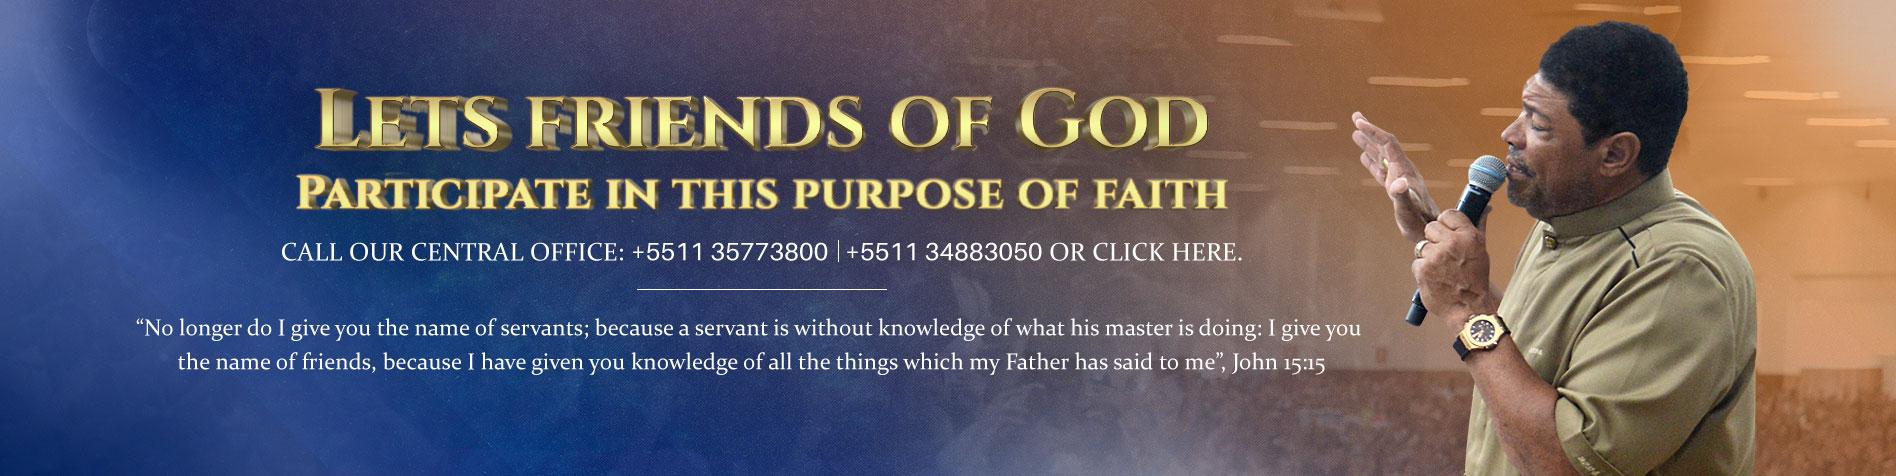 Propósito - Carnê amigos de Deus